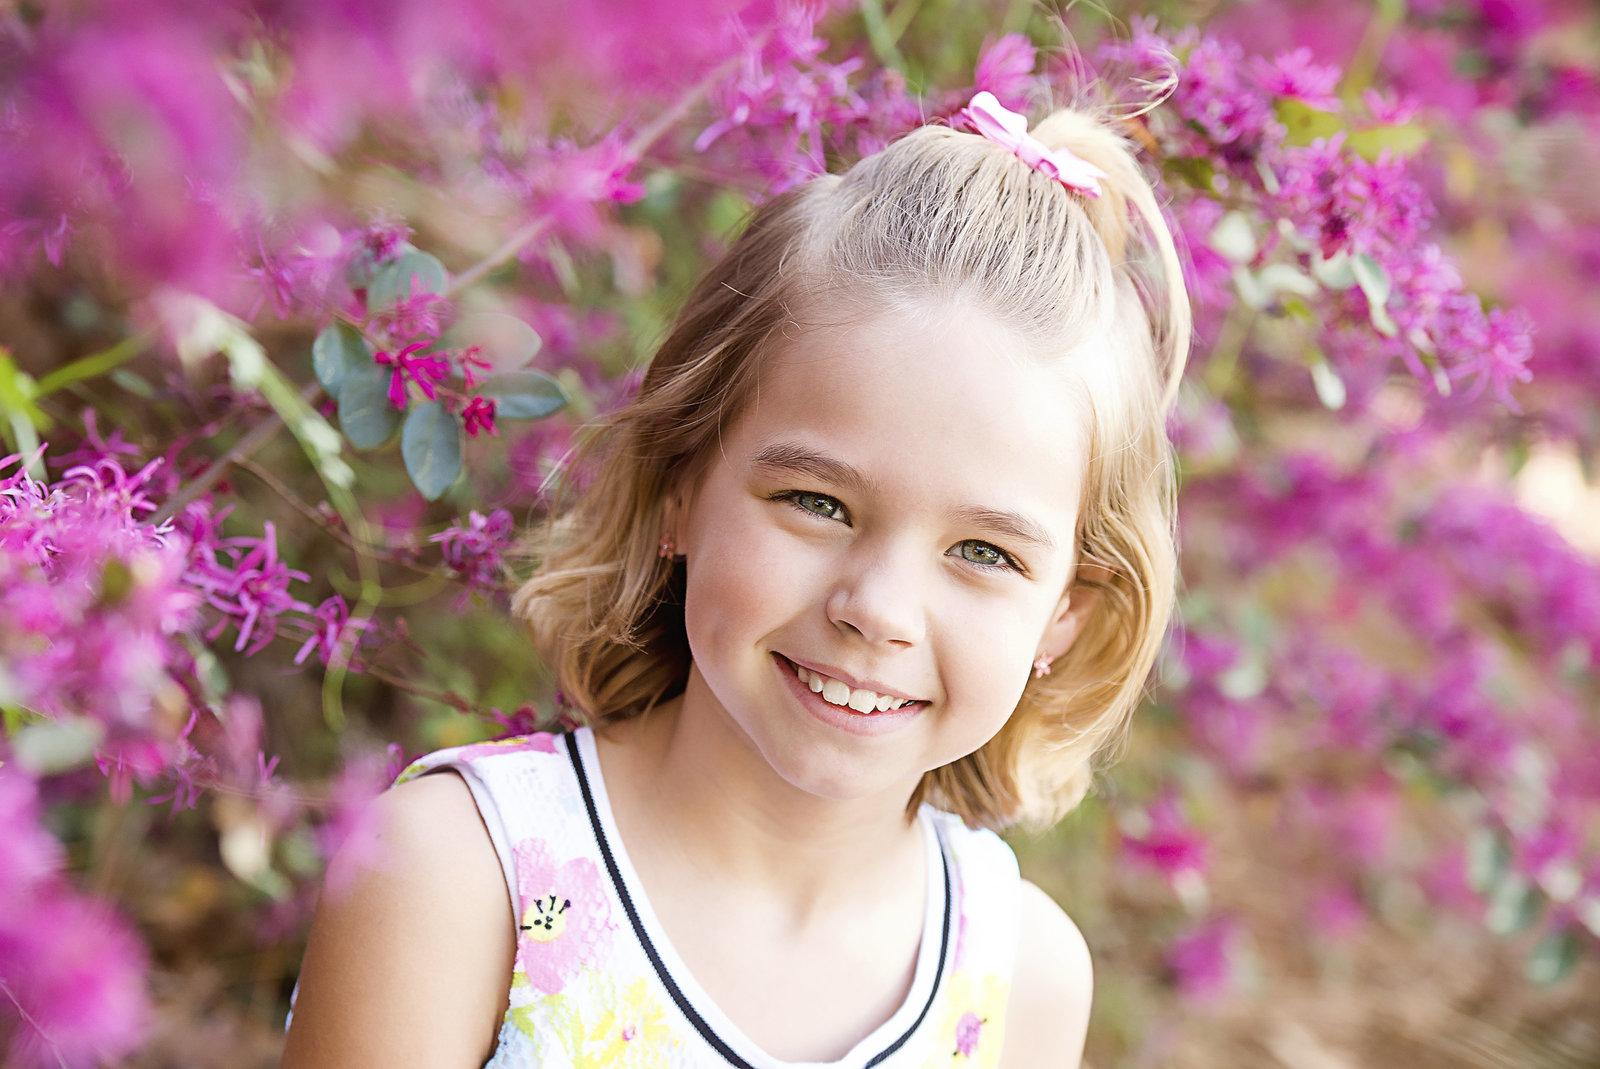 Jennifer spring pictures 74 copy 2